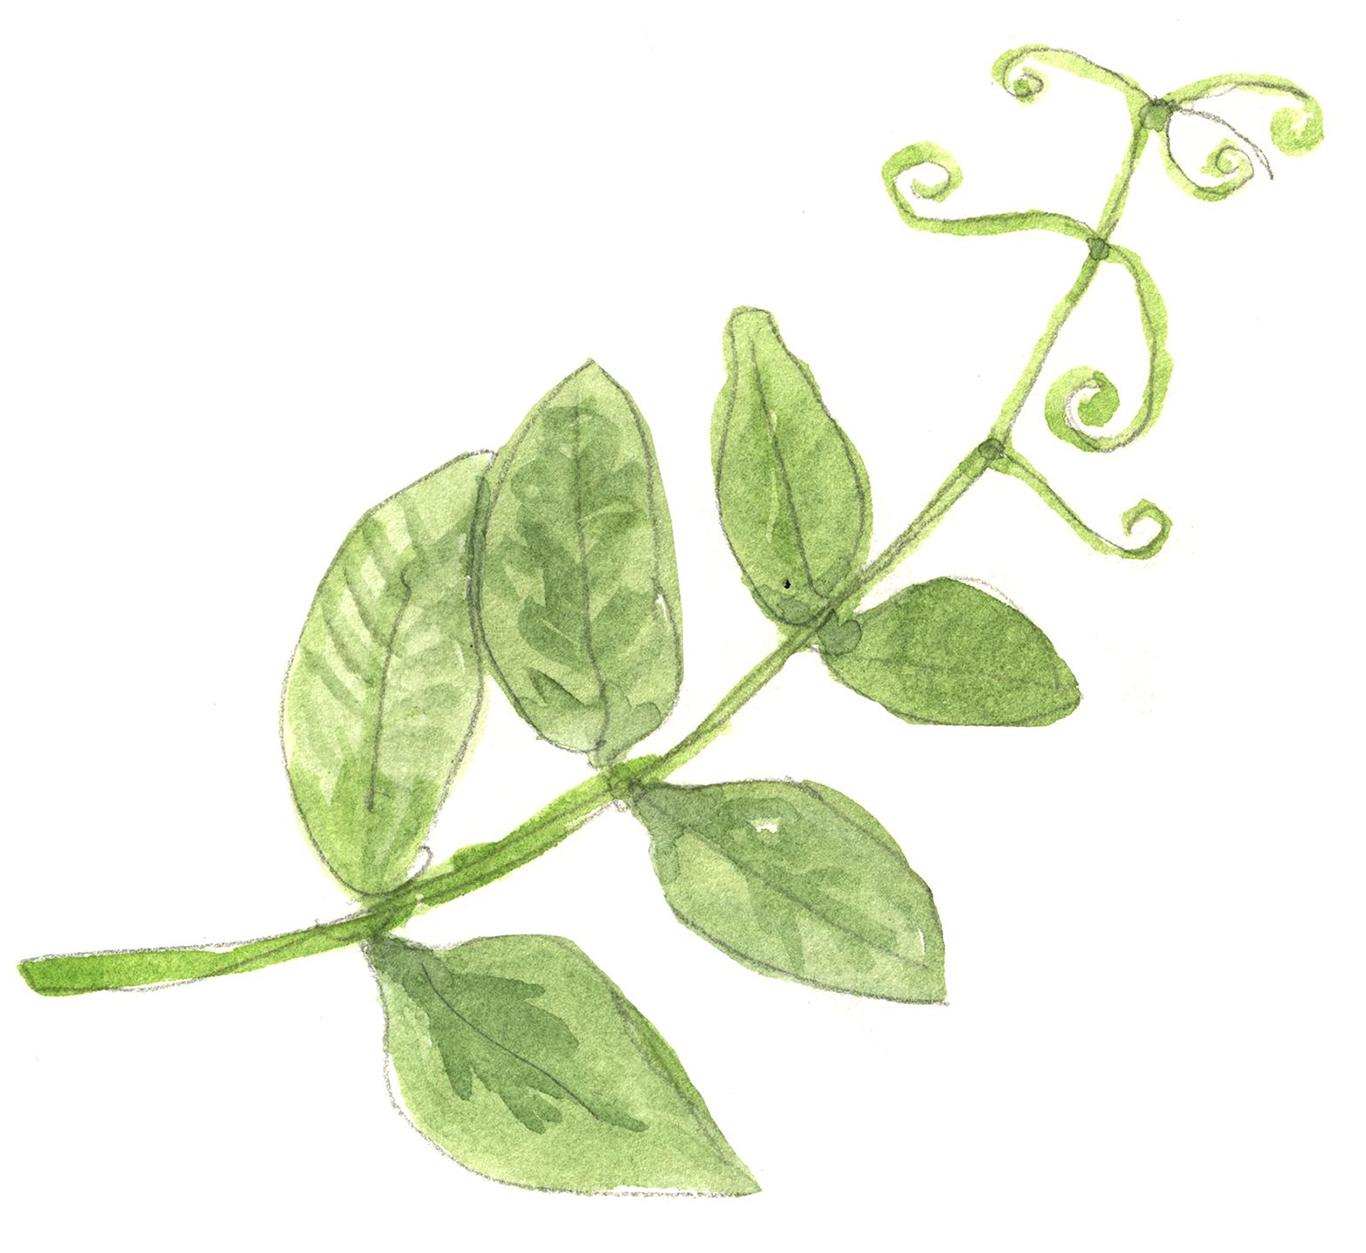 pea tendrils illustration